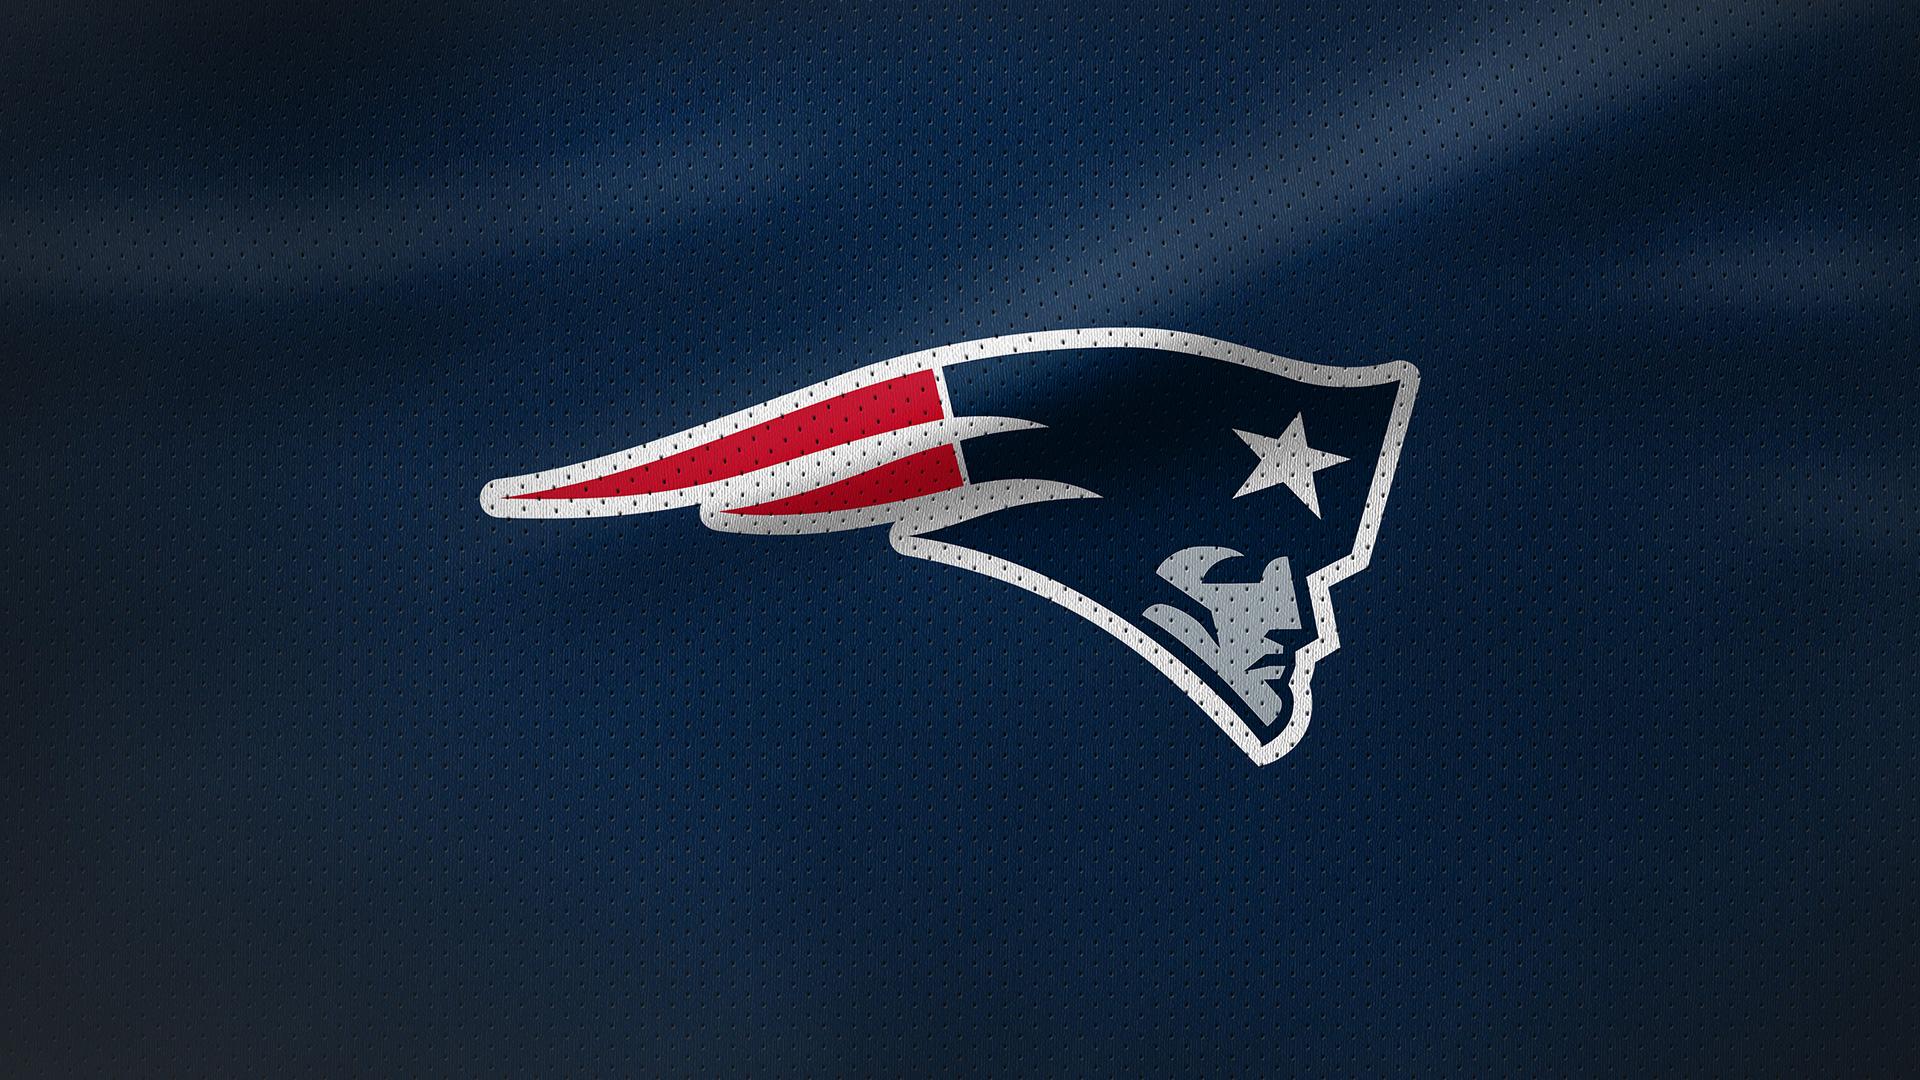 Rivalmöten - Klubbens största rival är New England Patriots. Det rivalmötet är något som blossat upp under de senaste 20 åren. Sett över historien är måhända Miami Dolphins den största rivalen, med Buffalo Bills som bubblare. Relationen till New York Giants är av rivalkaraktär.